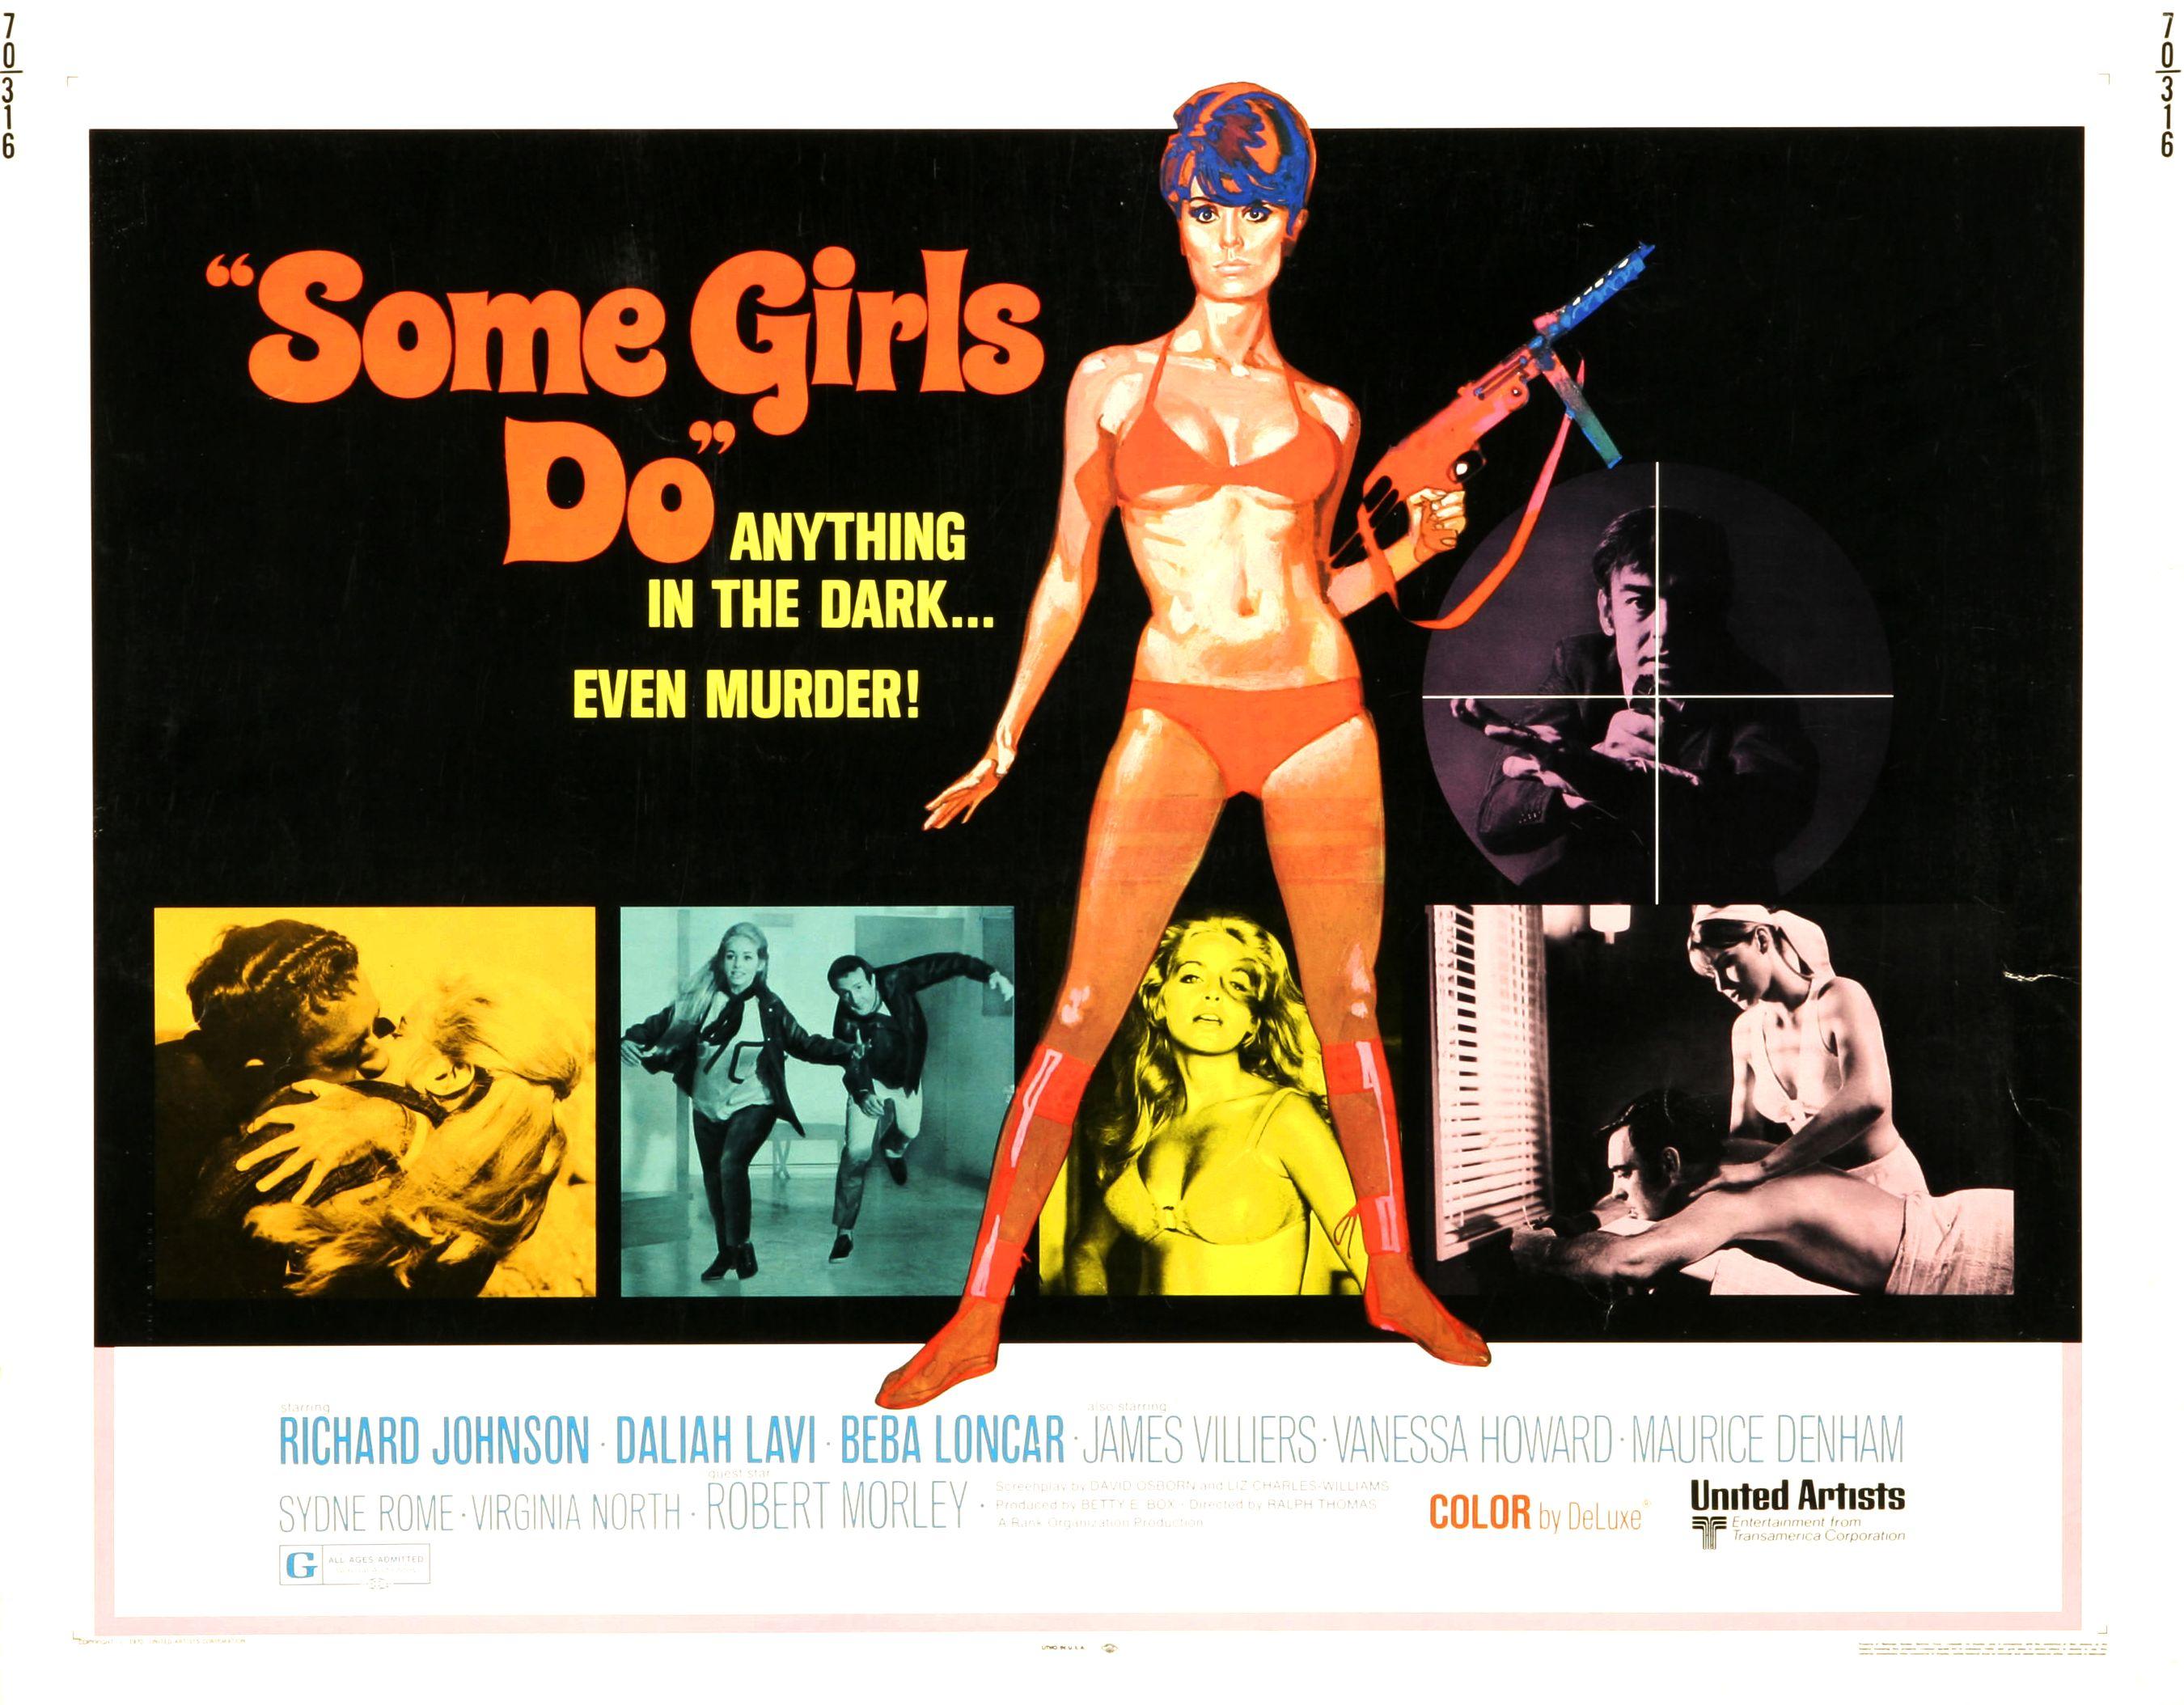 some_girls_do_poster_02.jpg